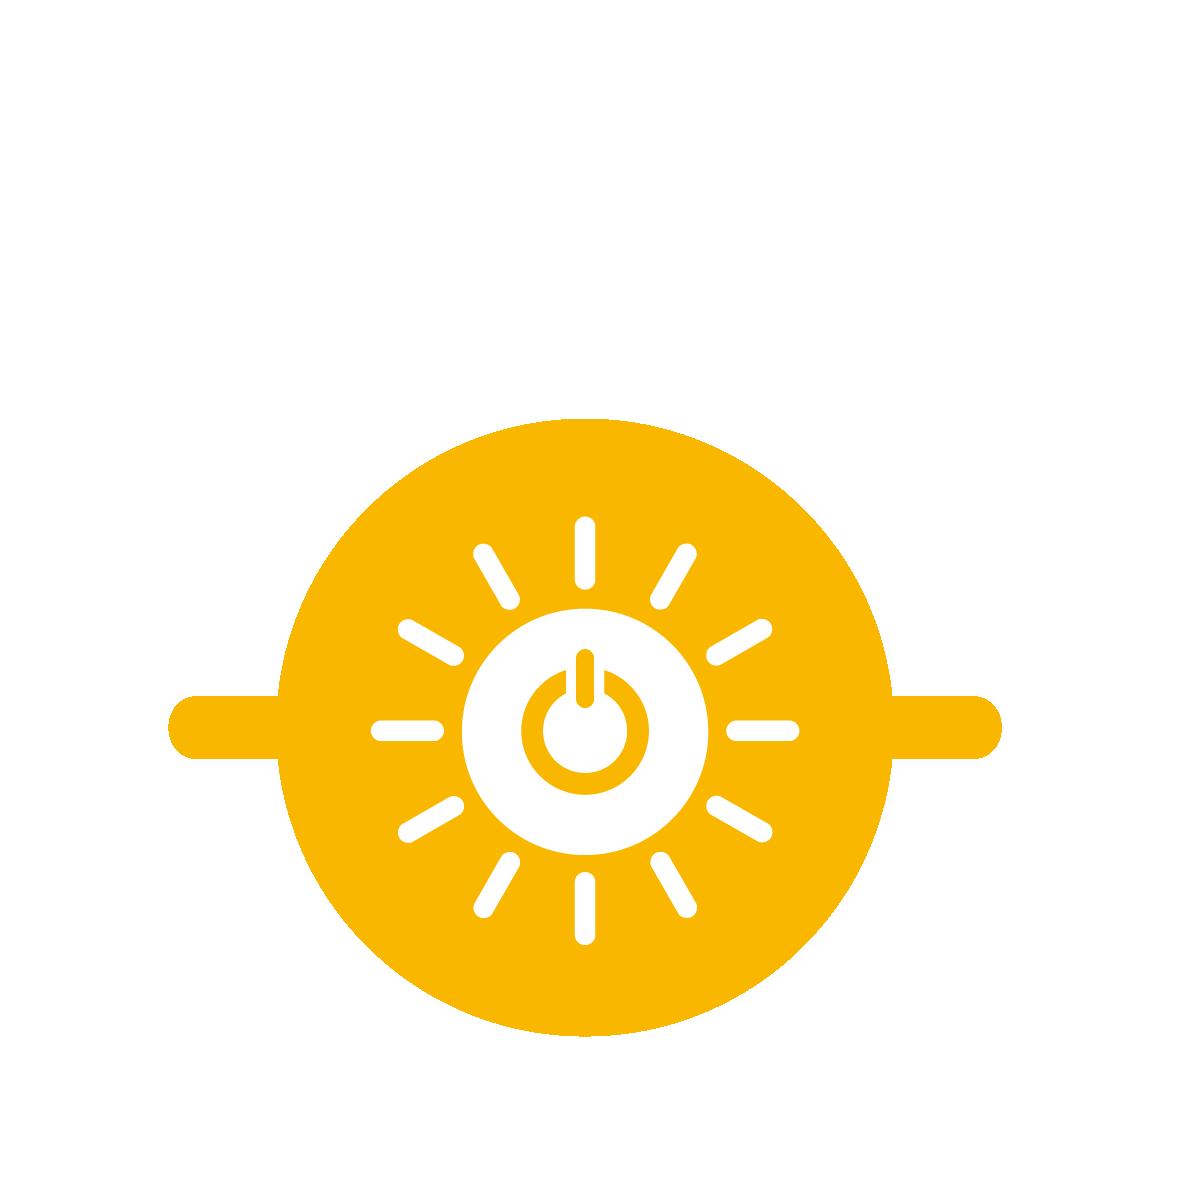 Energía sustentable y no contaminante